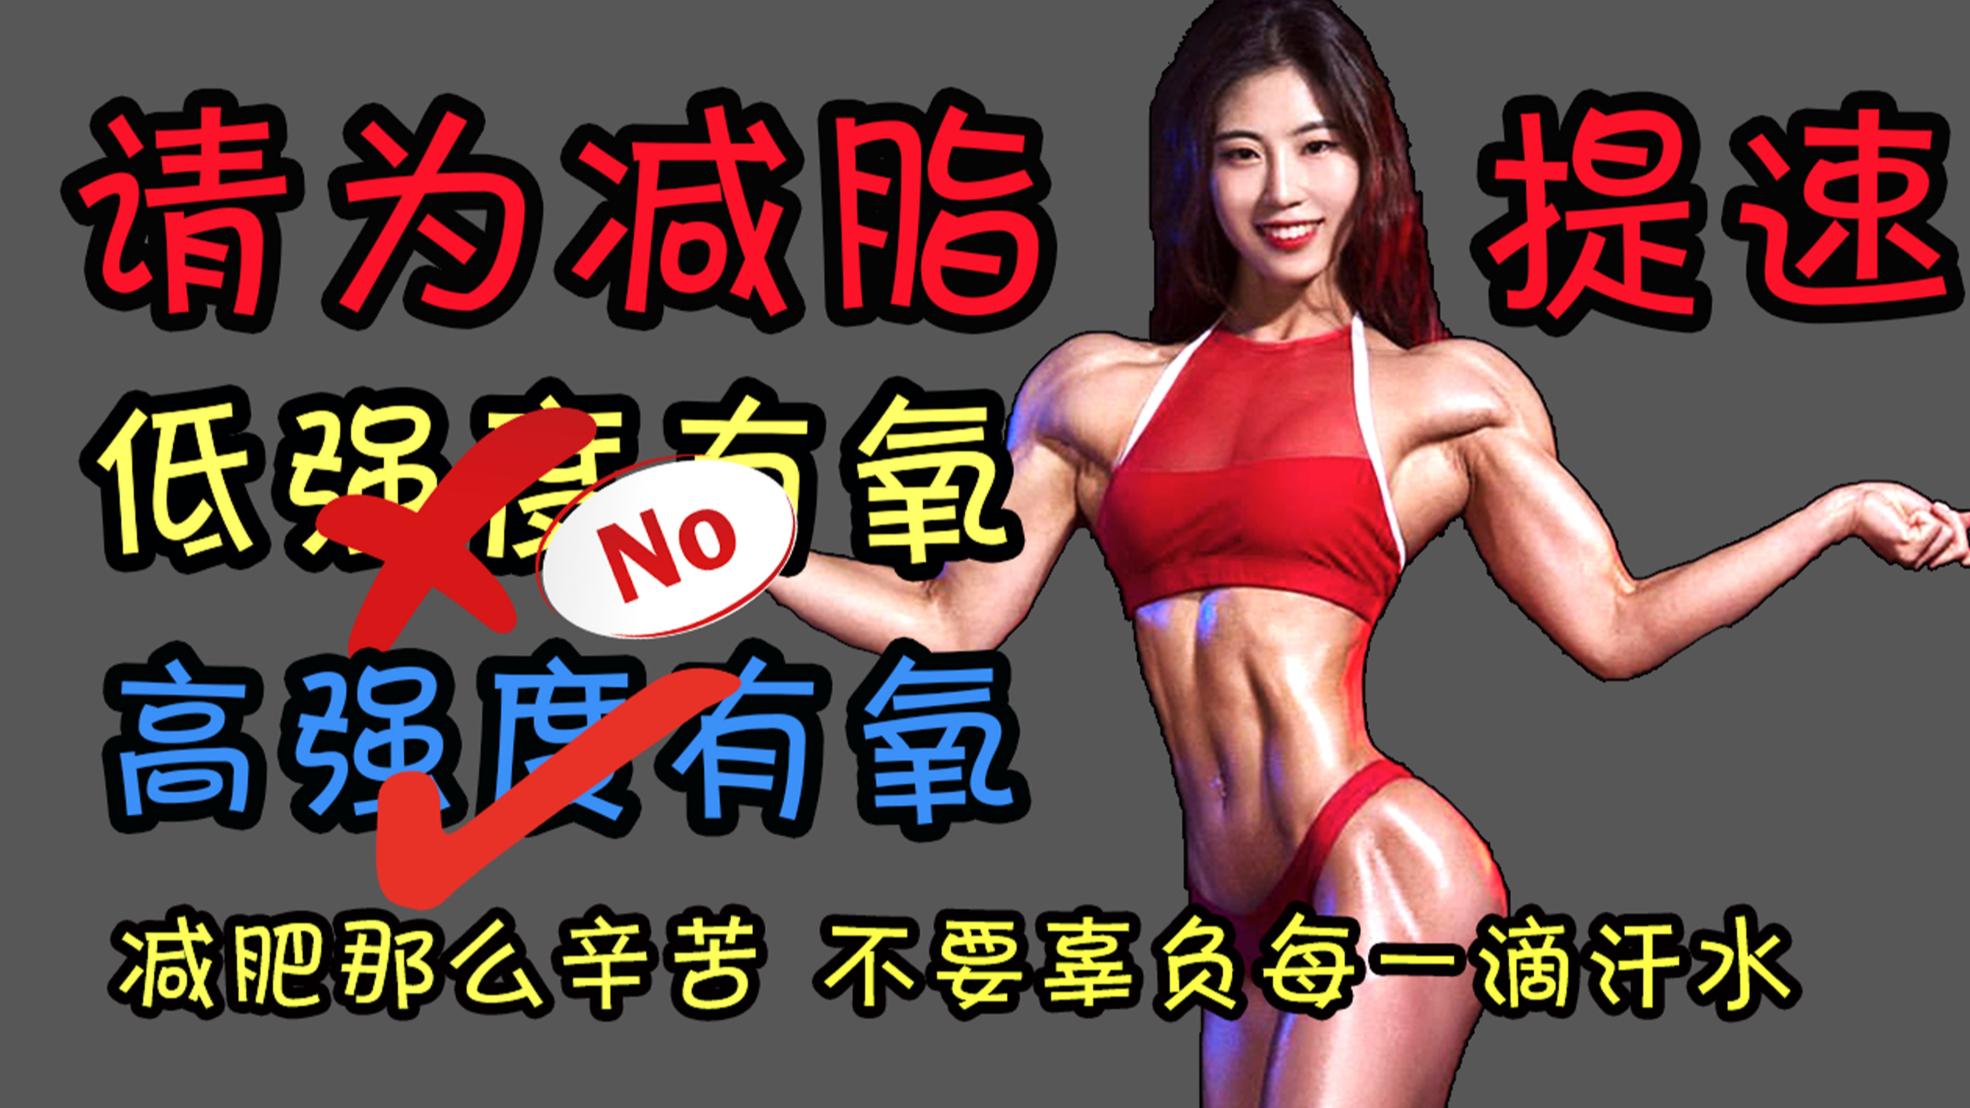 6个HIIT训练动作,20分钟暴汗燃脂,别再跑步减肥了,在家就能做【初夏健身打卡】